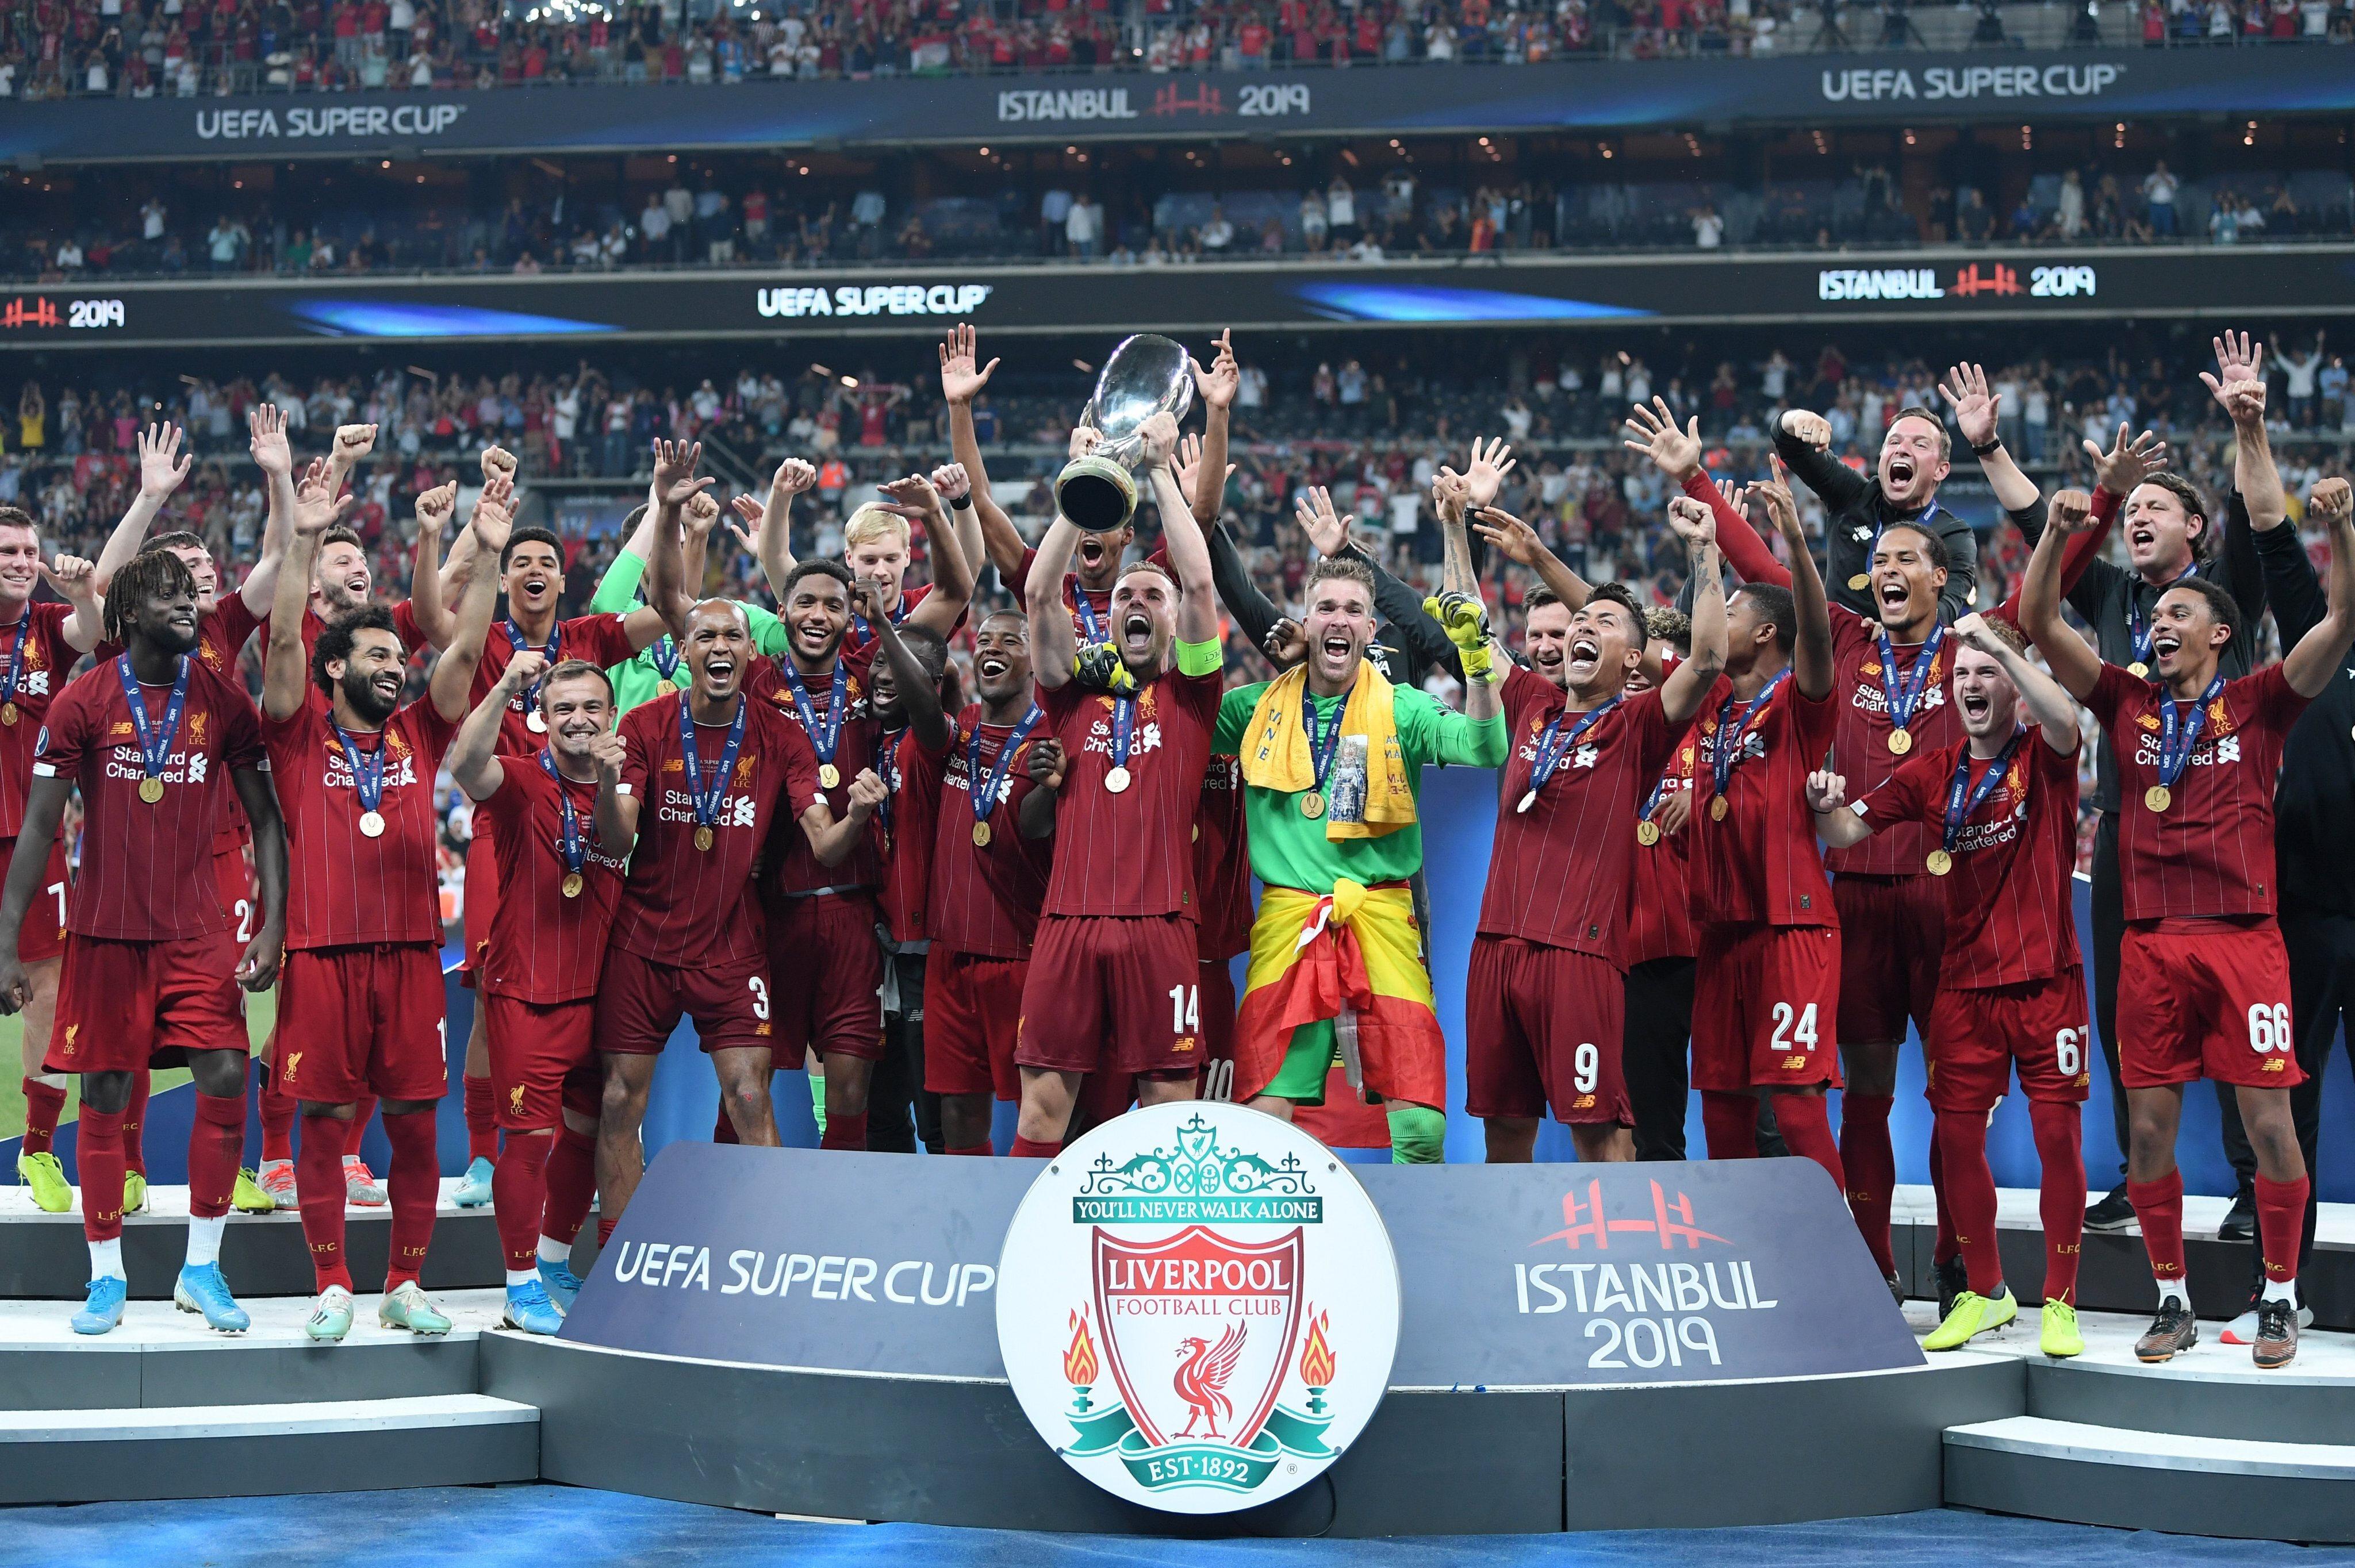 UEFA Süper Kupa'yı Chelsea'yi penaltılarda mağlup eden Liverpool kazandı.